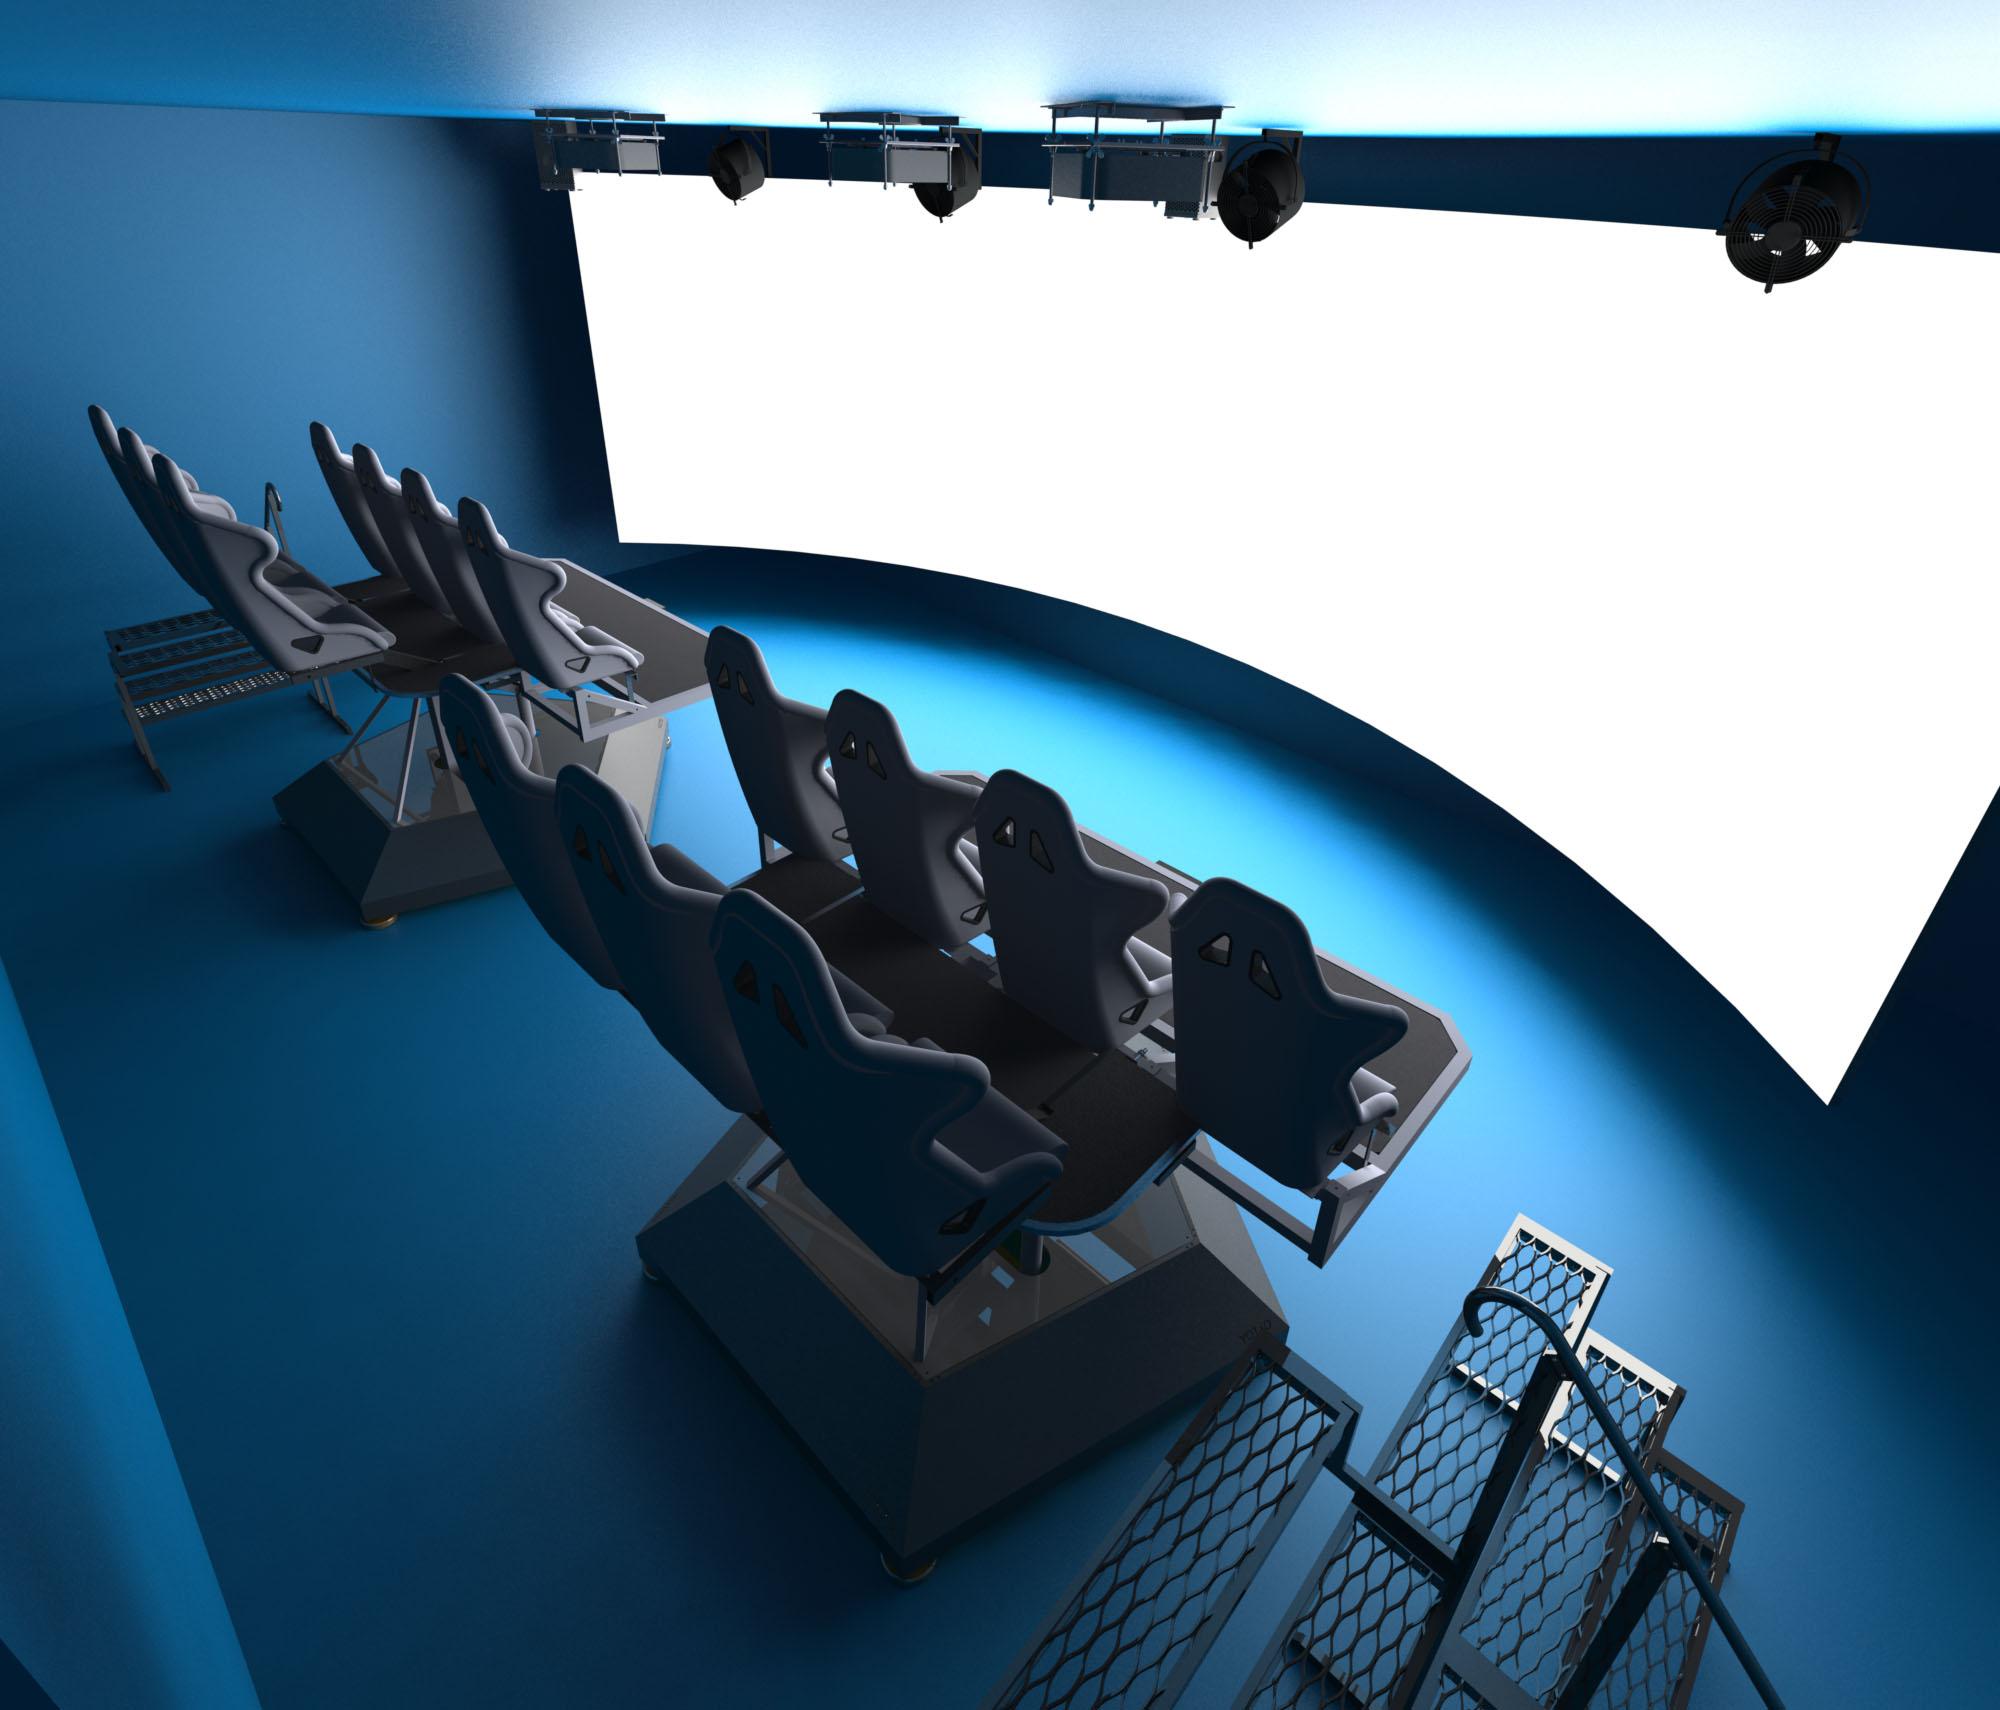 В подмосковных Мытищах открылся масштабный интерактивный аттракцион виртуальной реальности ExoGame Cinema